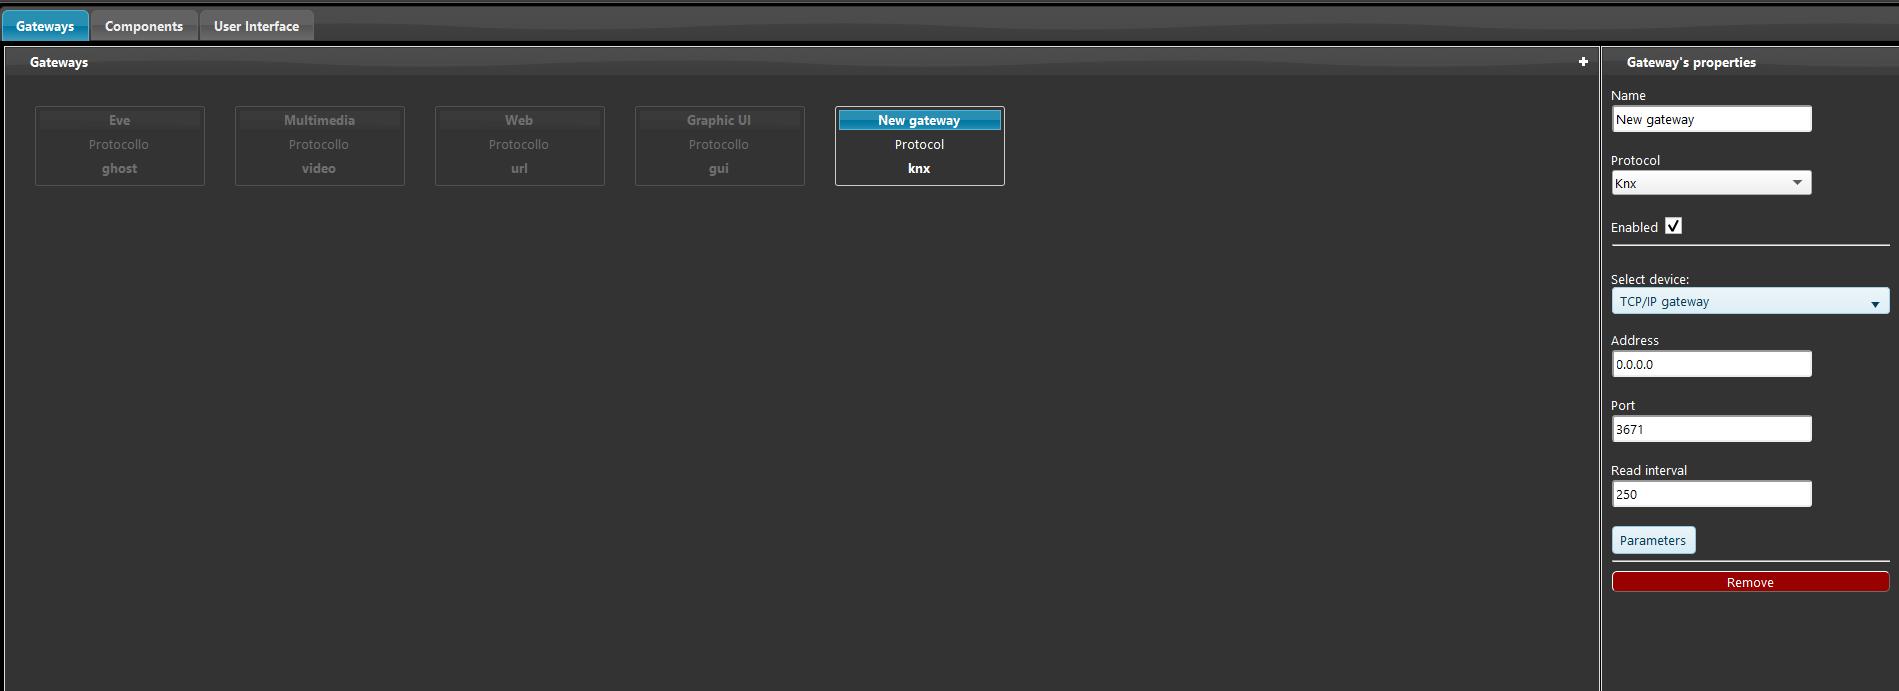 Proprietà gateway all'interno del sofware di configurazione della domotica EVE Manager